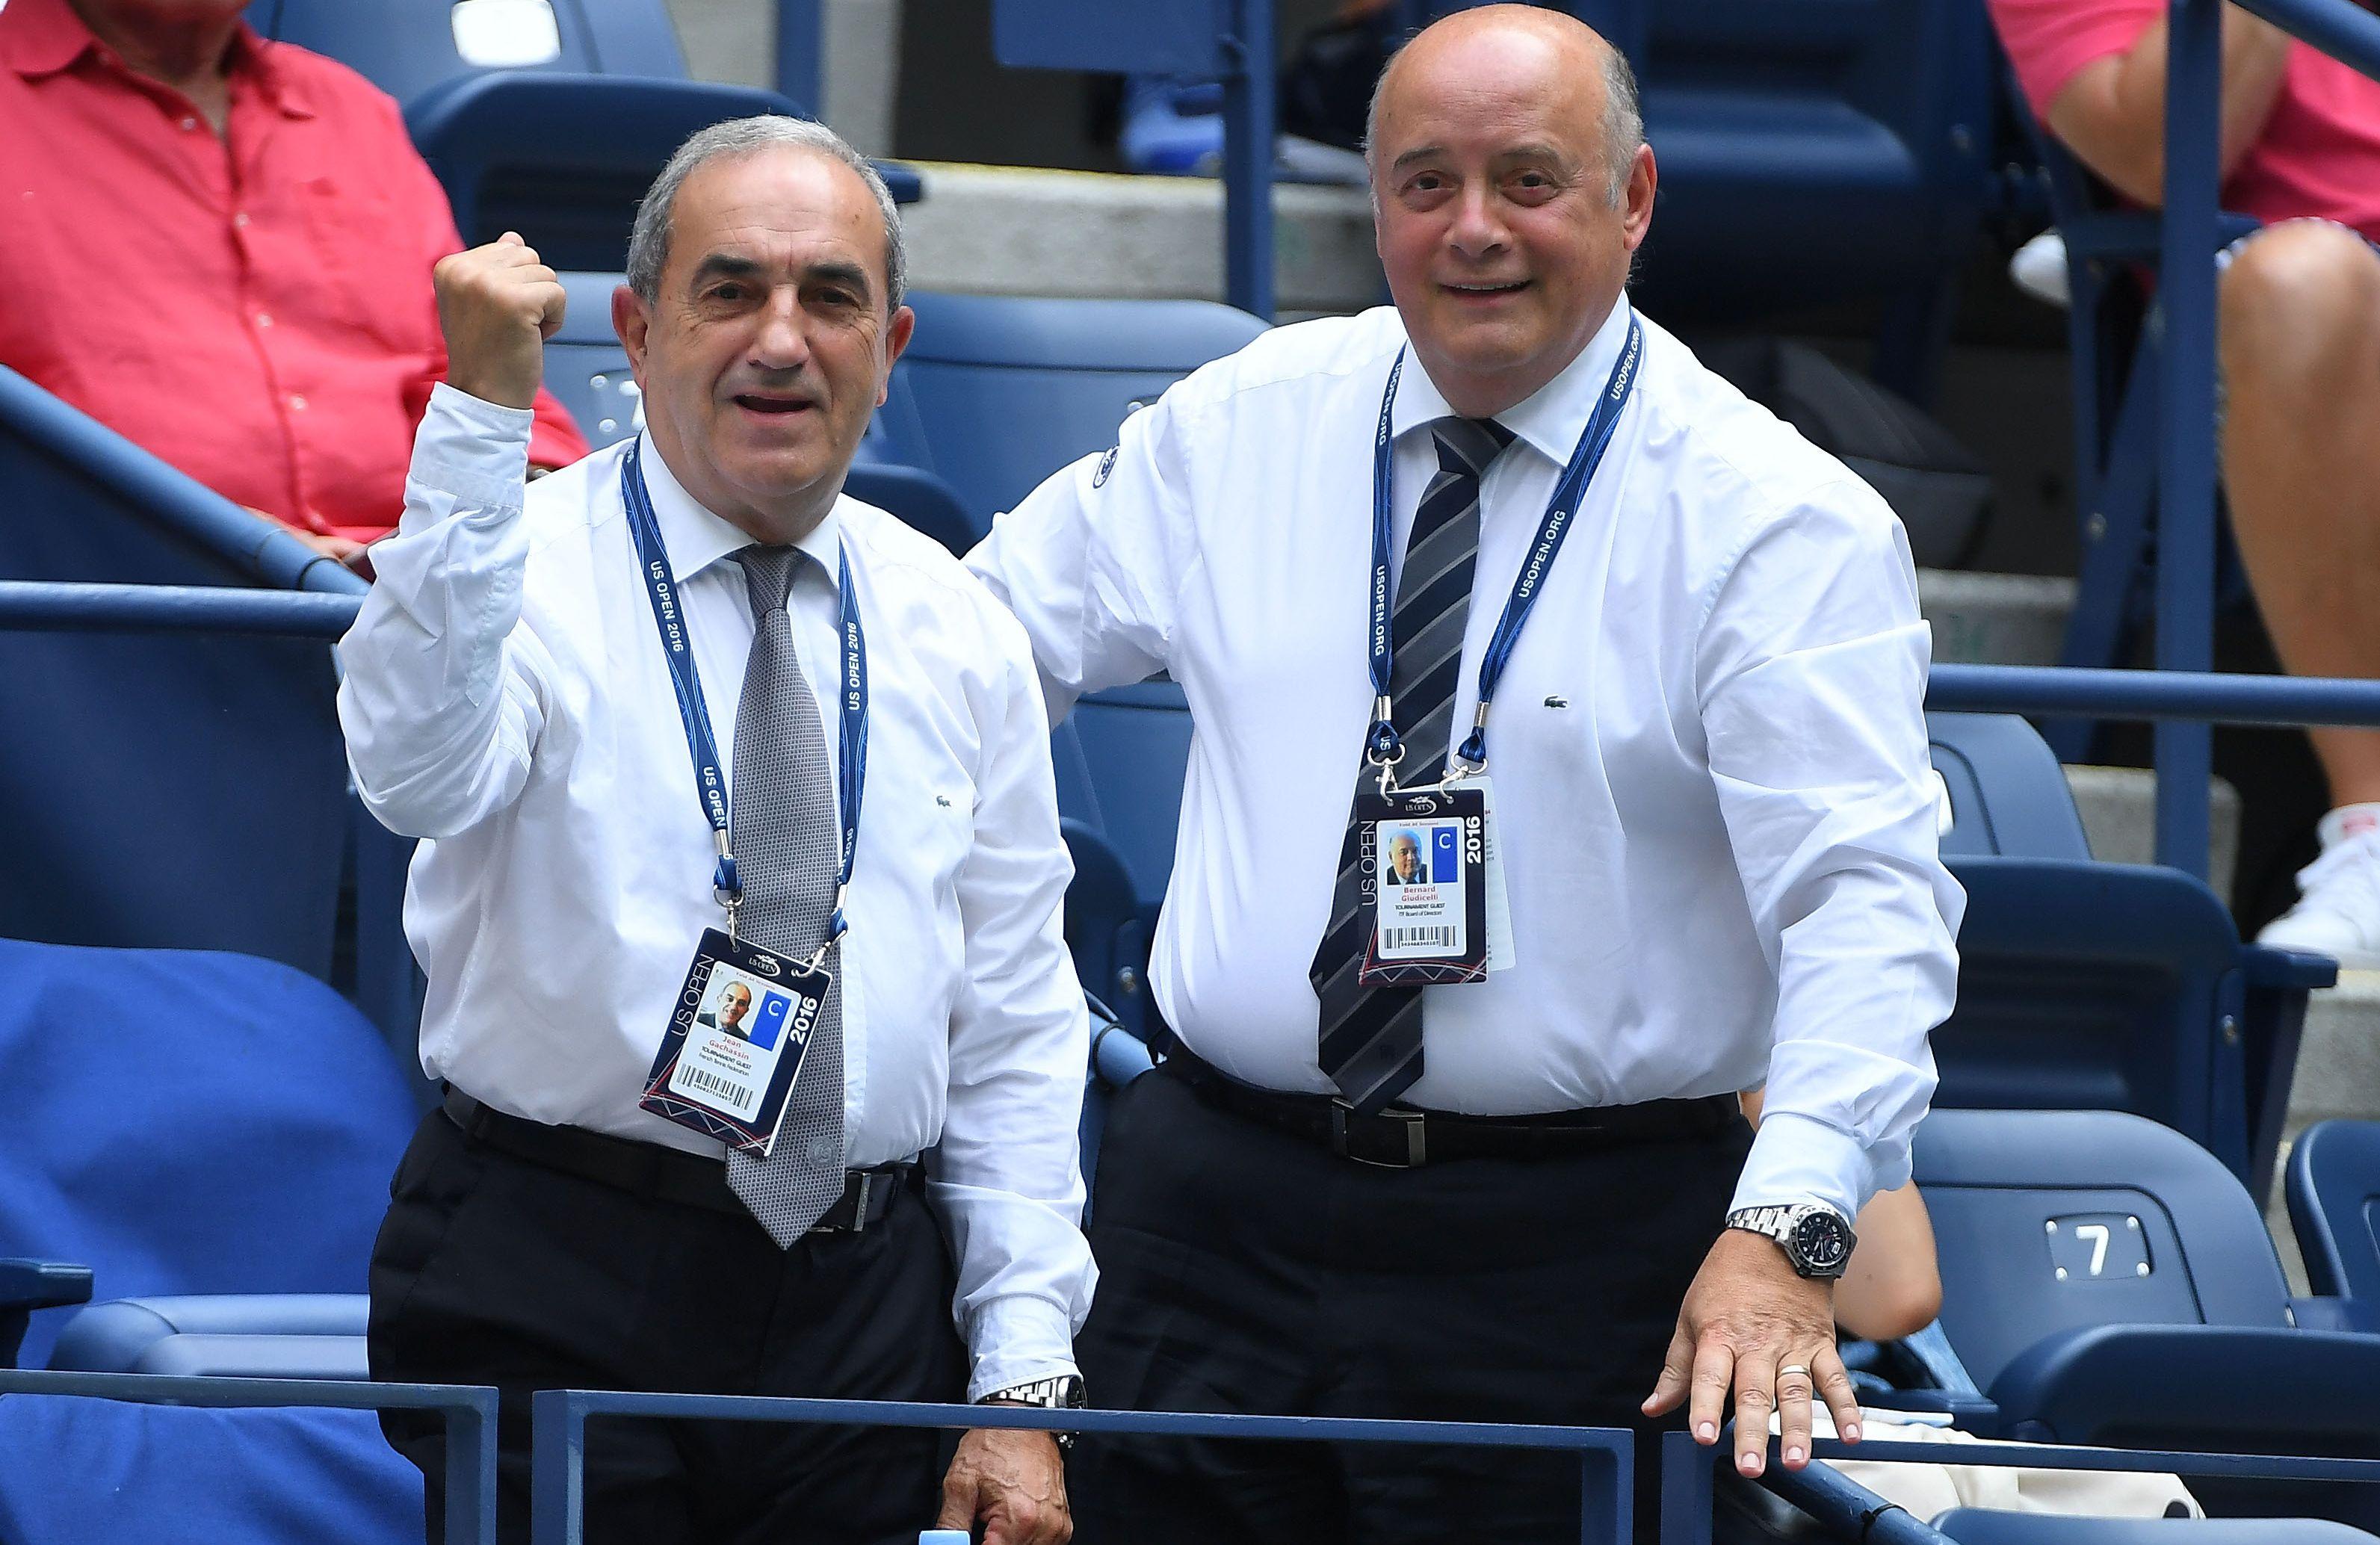 Tennis : Giudicelli, le nouveau patron du tennis français